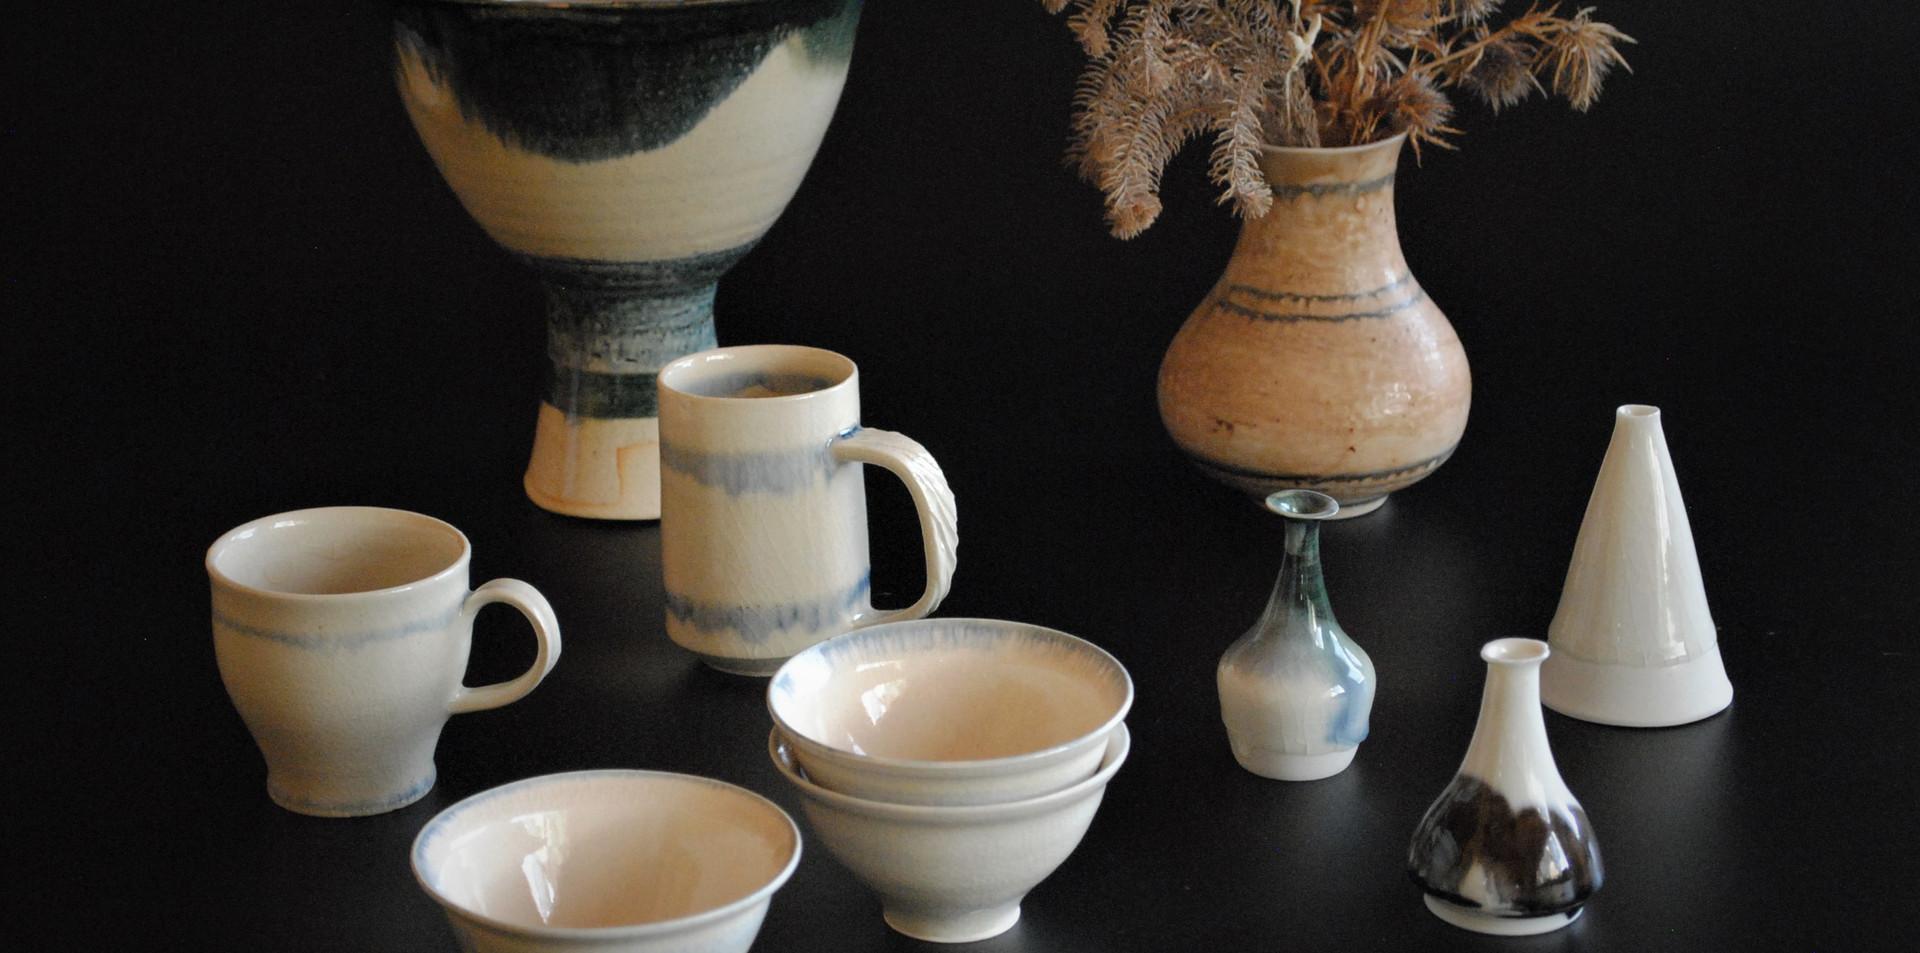 食と器ming 水谷直樹陶器作品